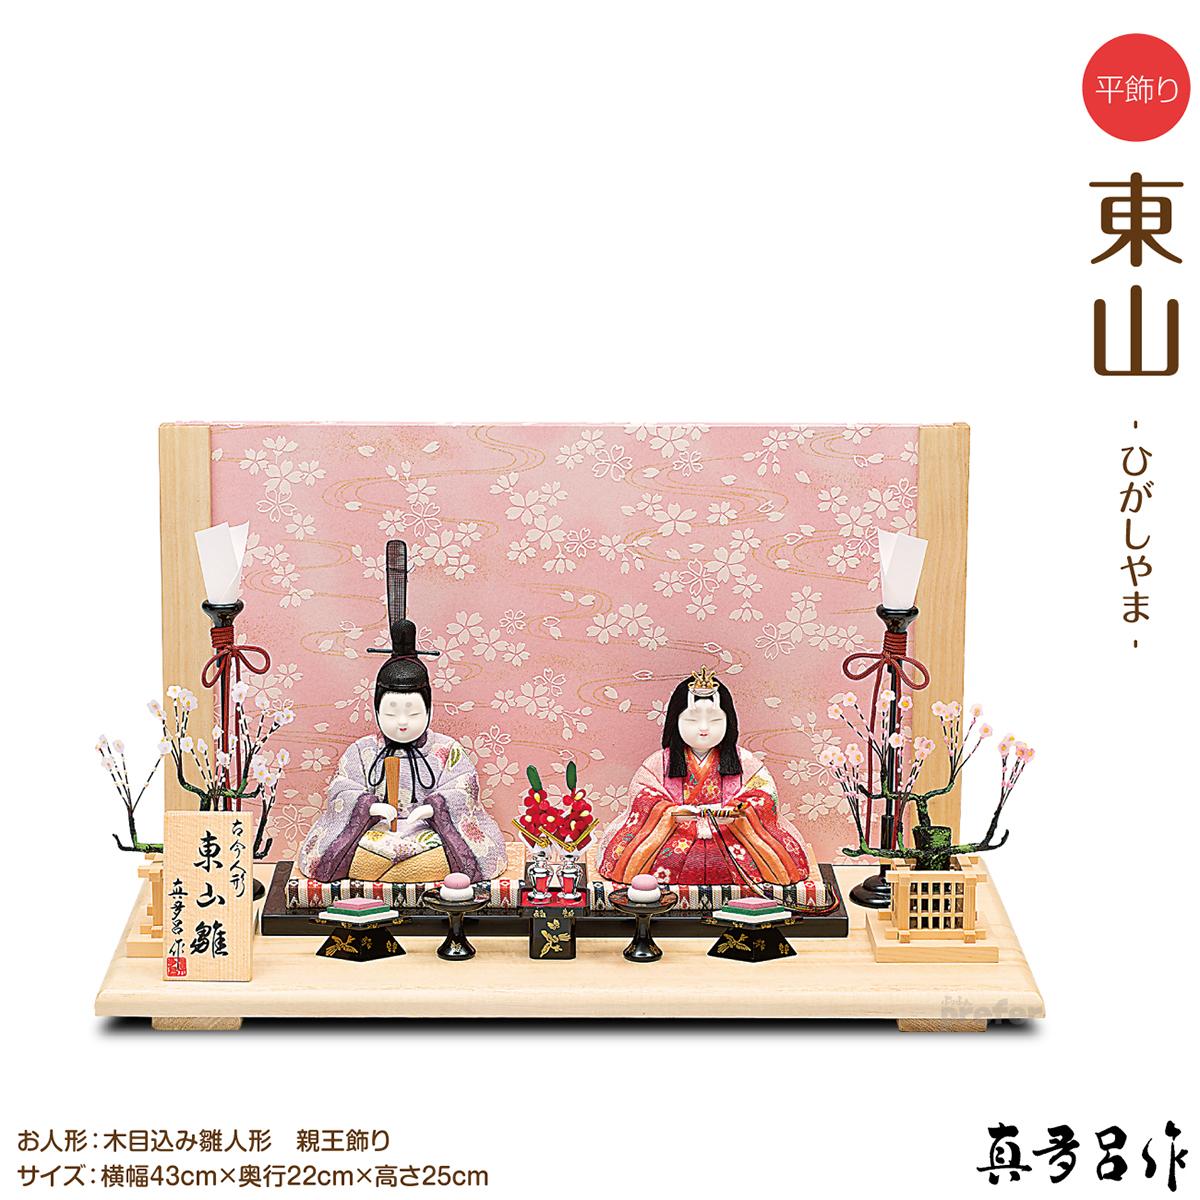 ひな人形 真多呂人形 木目込み雛人形 東山(ひがしやま) 平飾り おひな様 ひな祭り